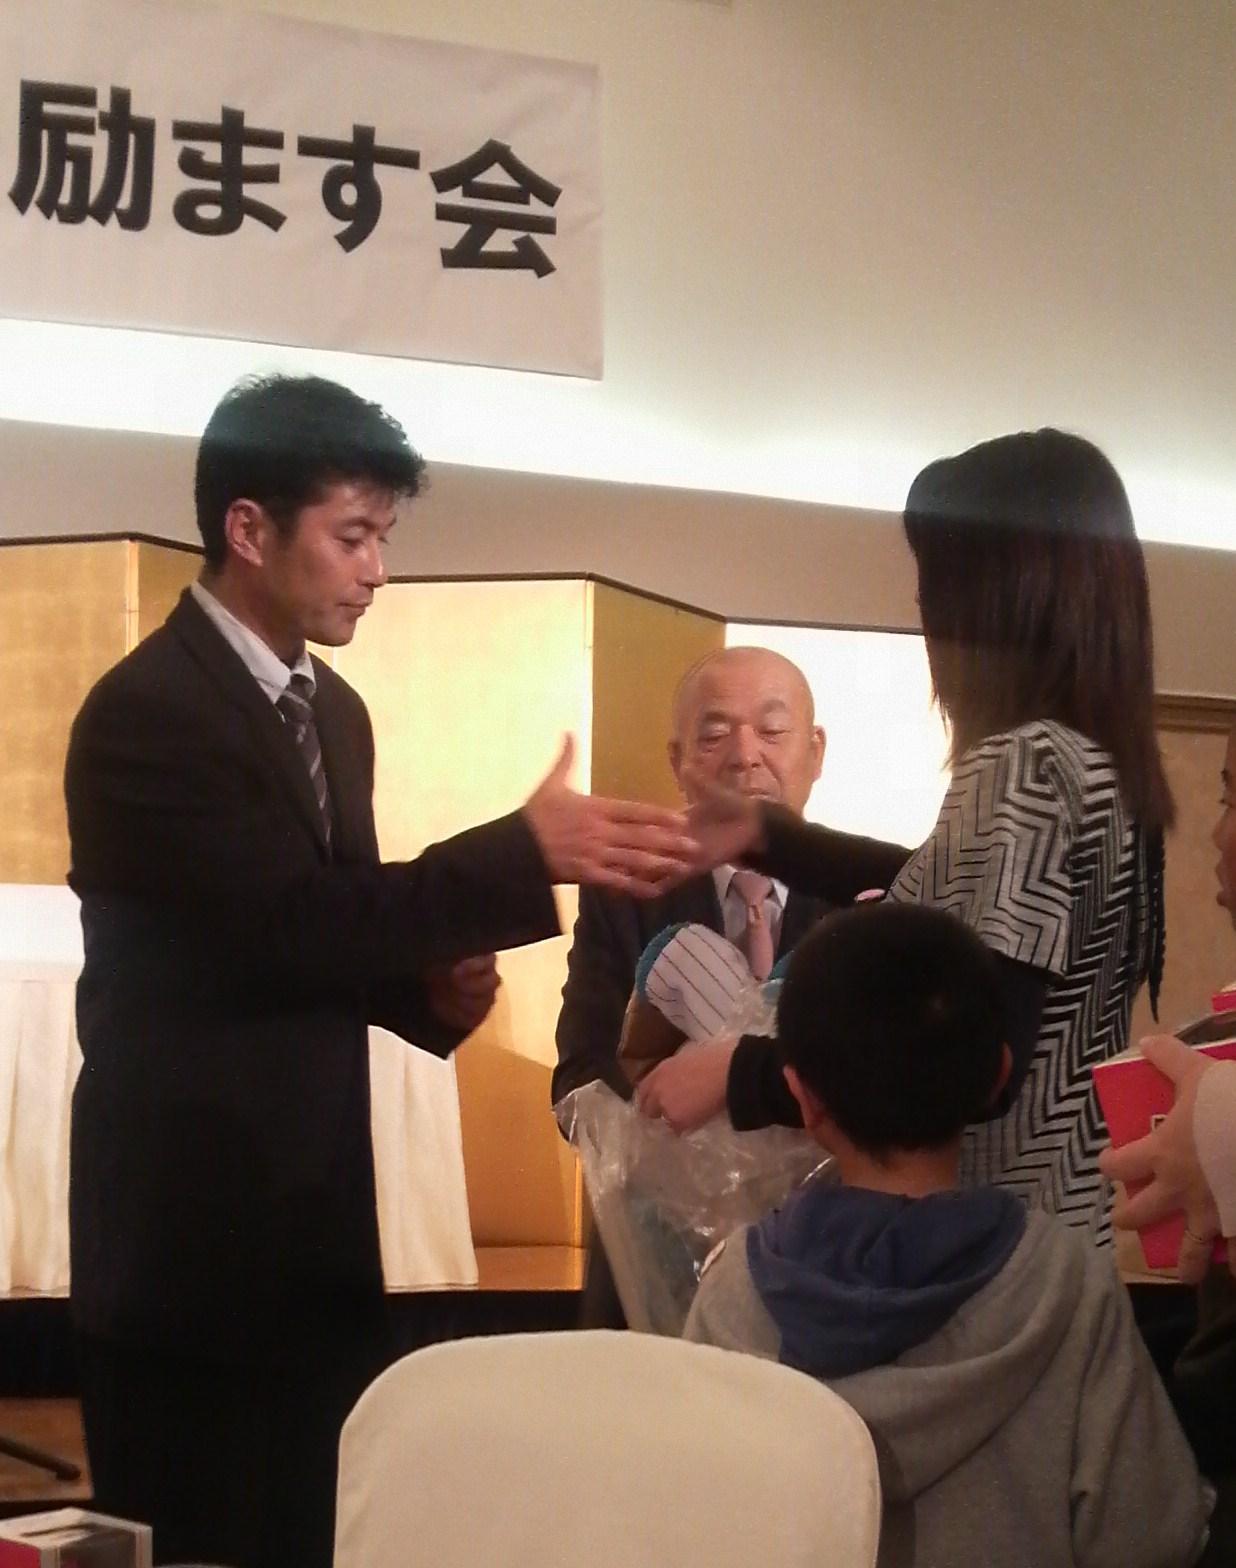 緒方孝市の画像 p1_39